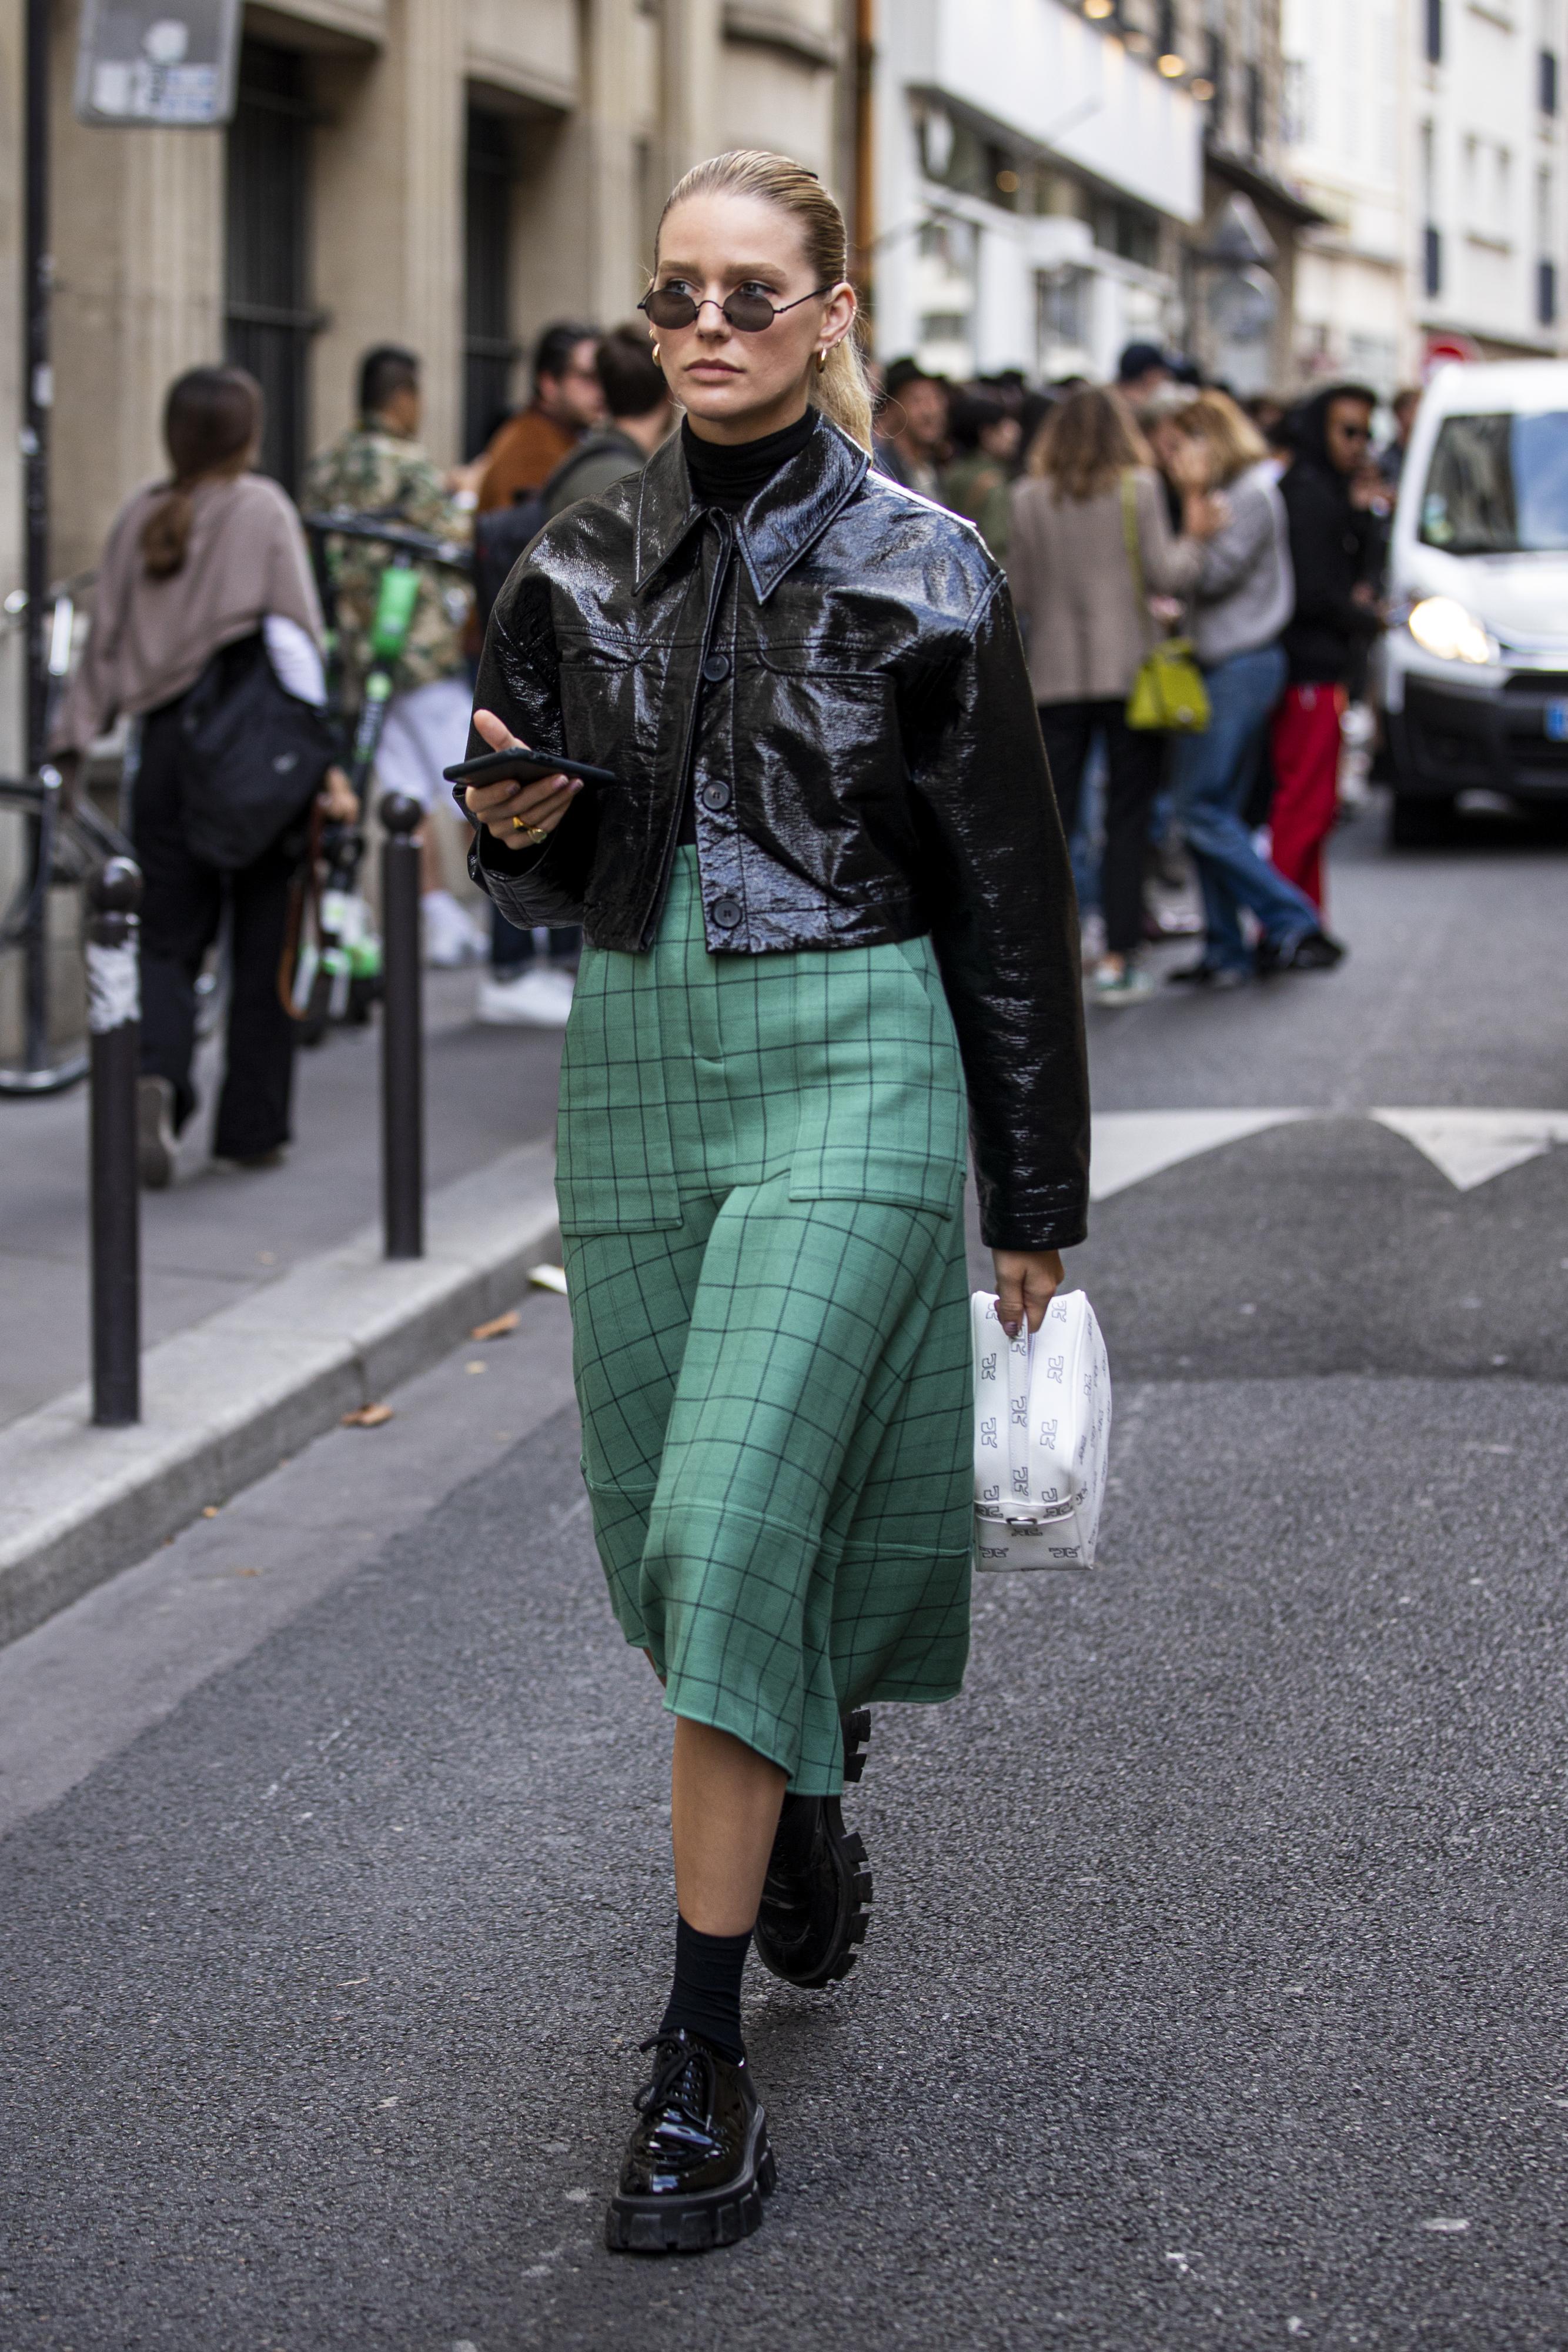 シャツ感覚で取り入れられるライトアウターはショート丈デザインが今っぽい。トレンド感あるミディ丈のスカートもグッドバランスで着こなせる。ブラックカラースタイルにプラスしたグリーン使いが◎。